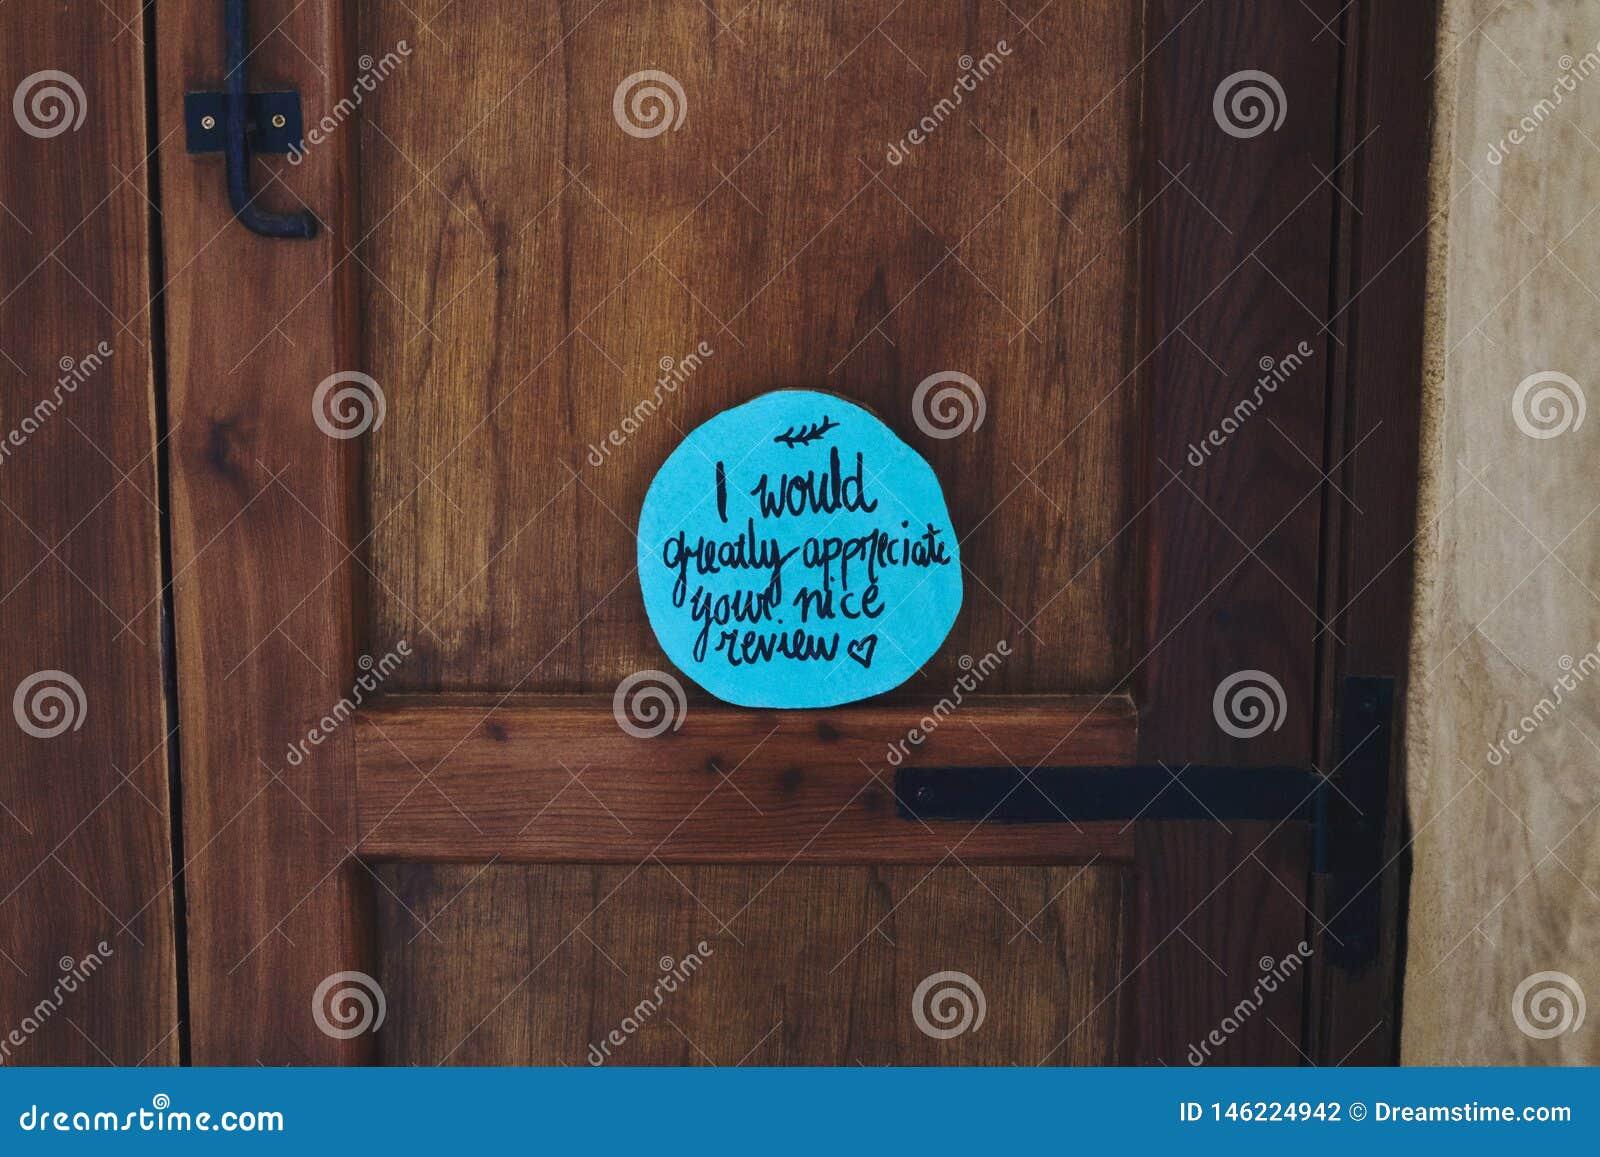 Positive wish on the door